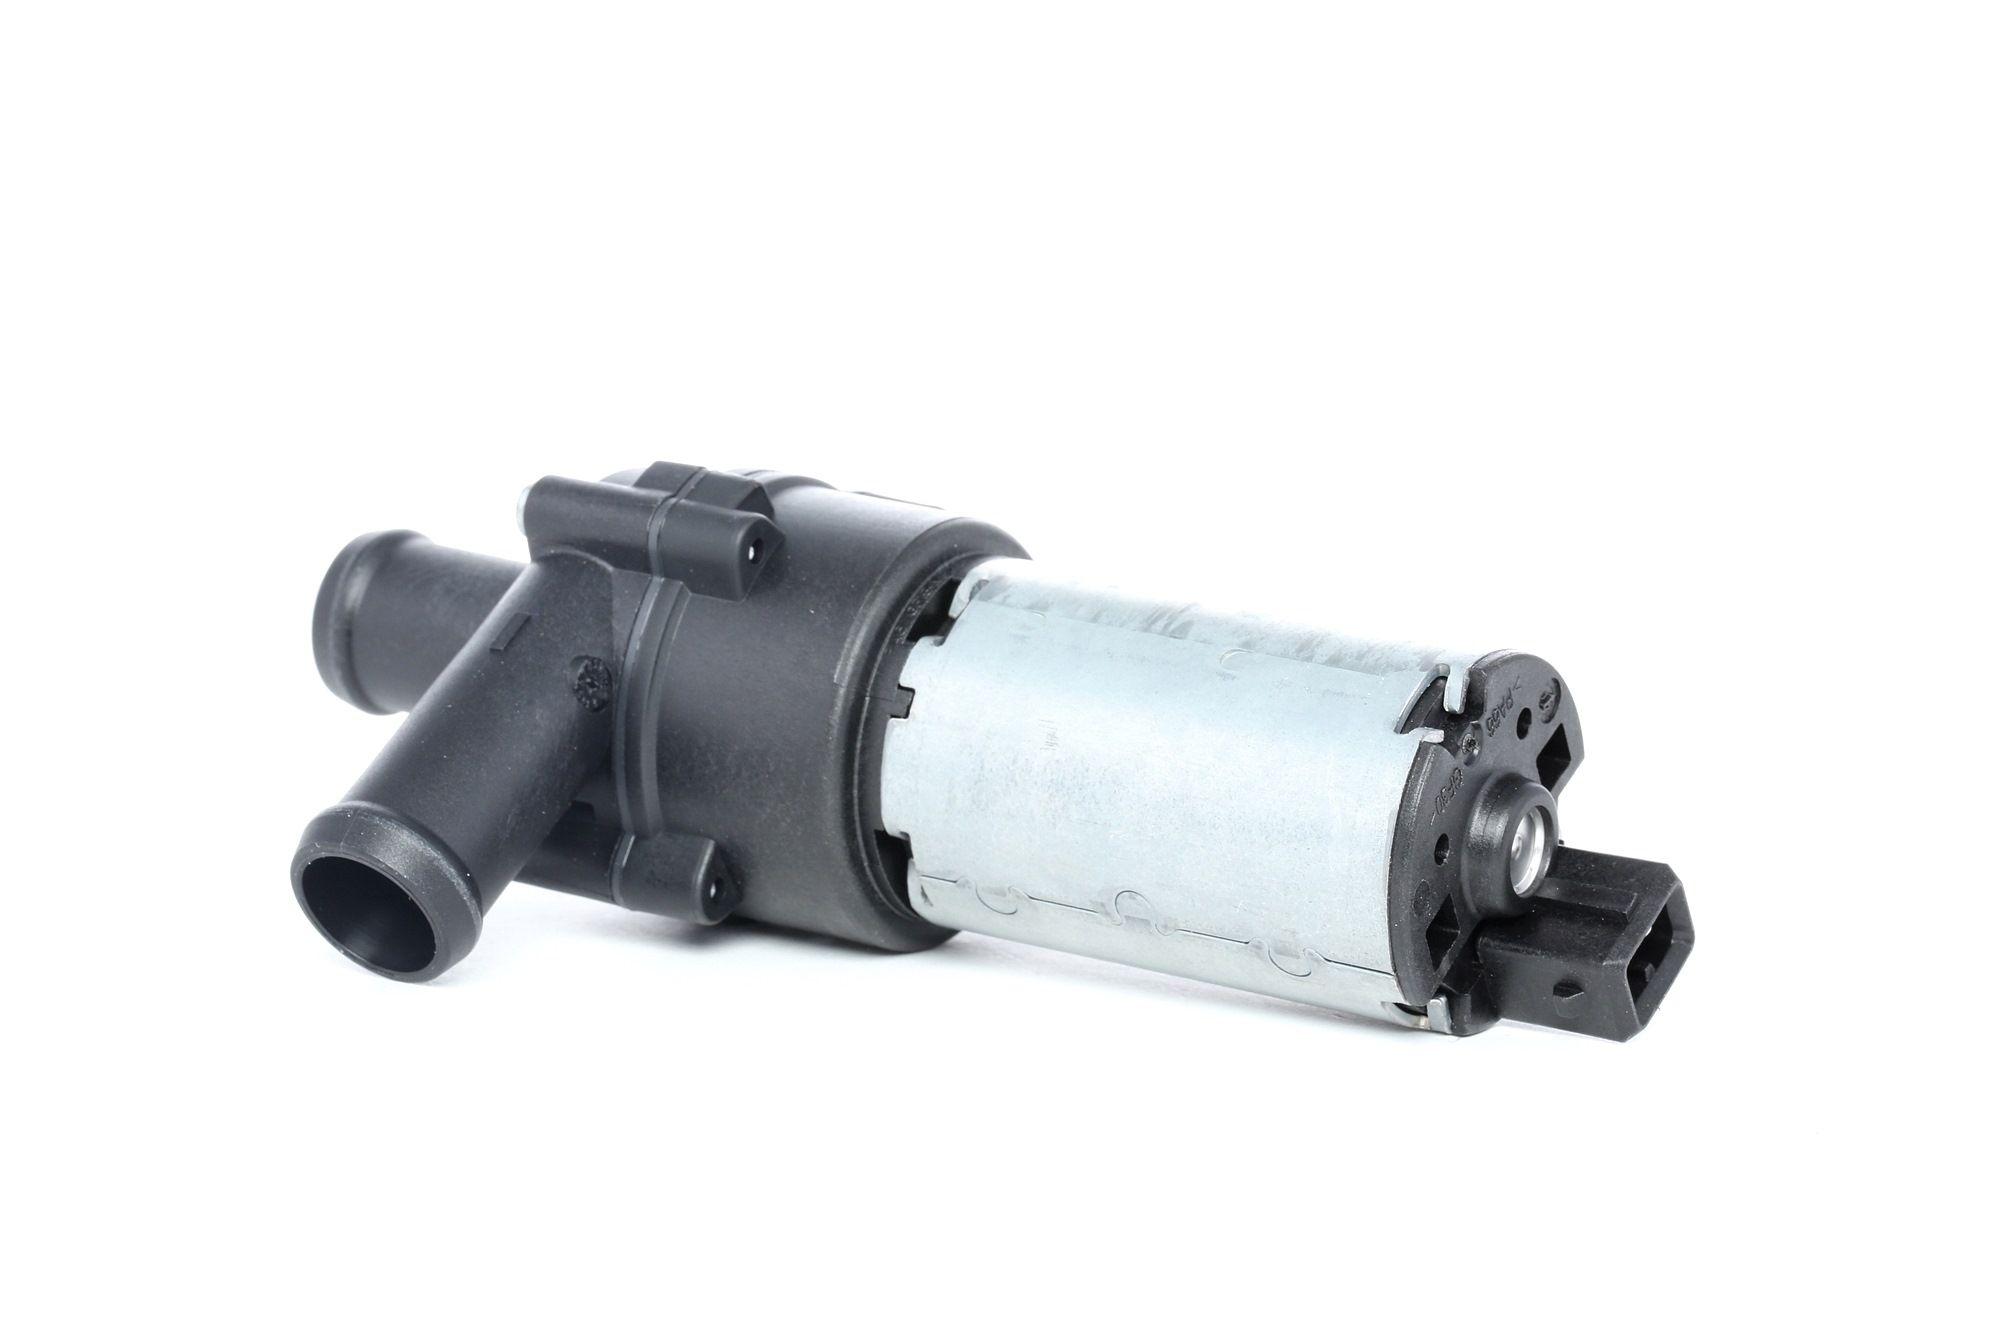 Pompe de circulation d'eau, chauffage auxiliaire 0 392 020 039 acheter - 24/7!